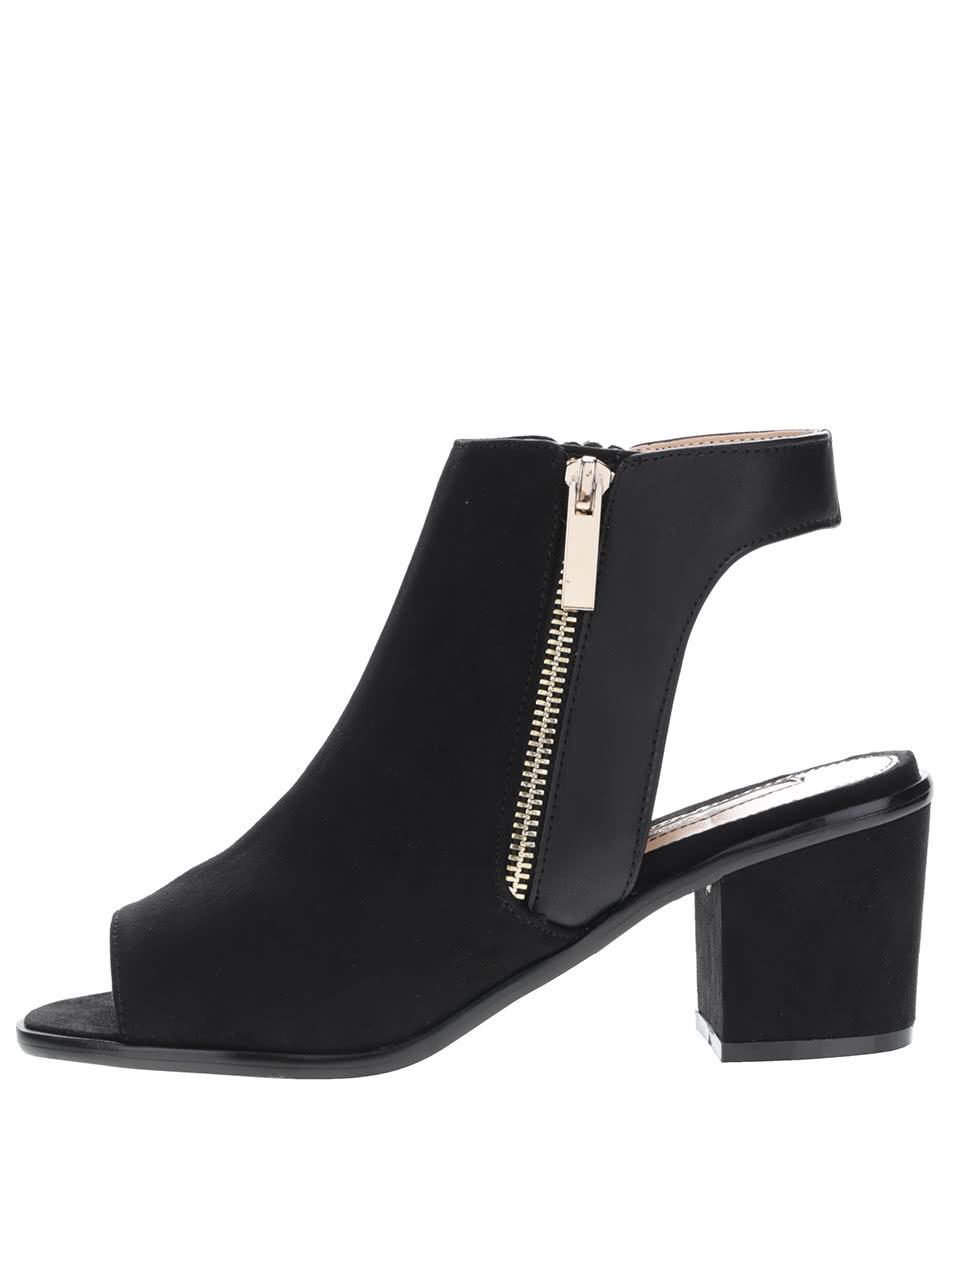 5309ff5d501c Čierne topánky s otvorenou špičkou a pätou v semišovej úprave Miss  Selfridge ...